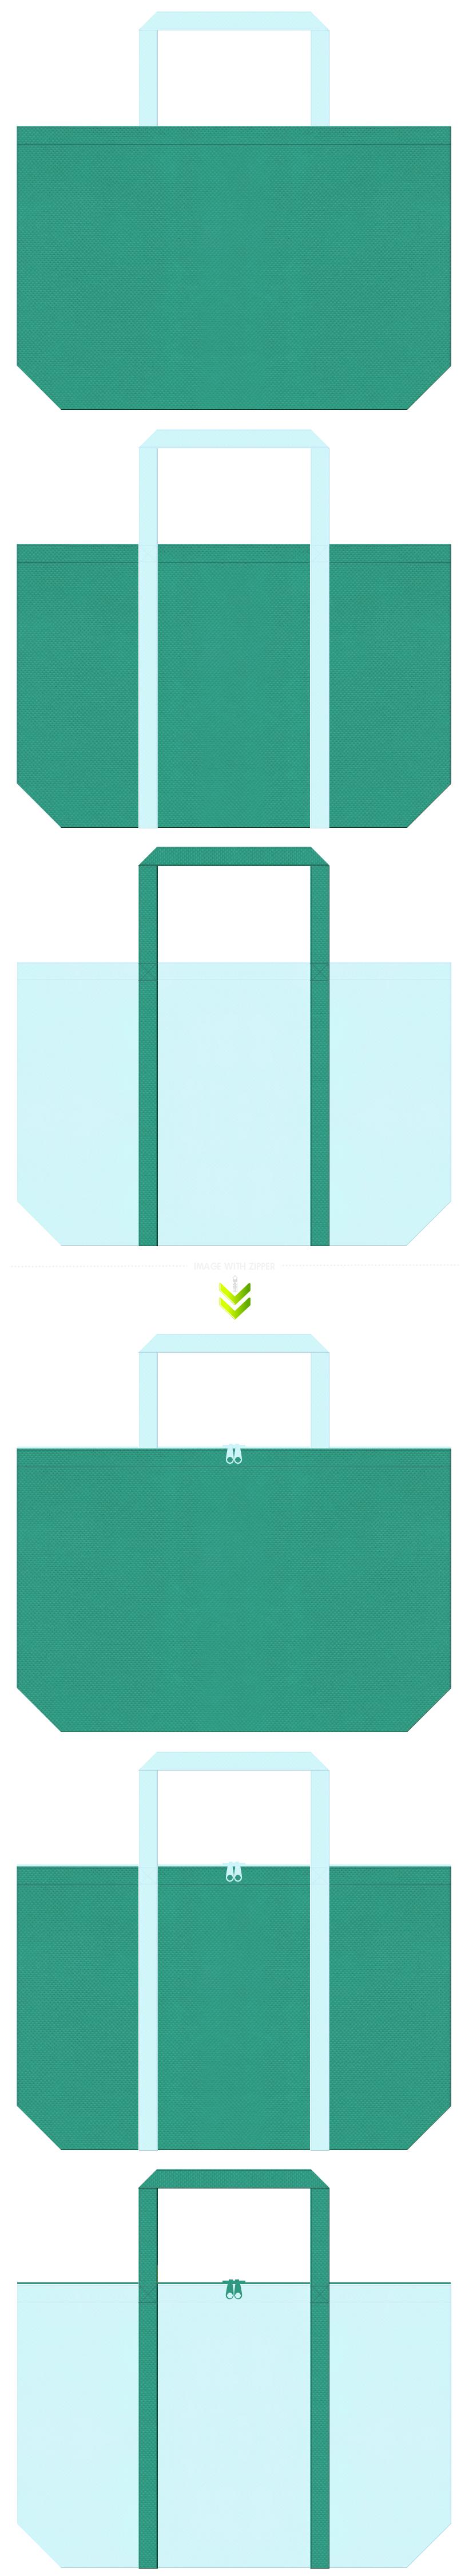 青緑色と水色の不織布エコバッグのデザイン。ランドリーバッグにお奨めです。